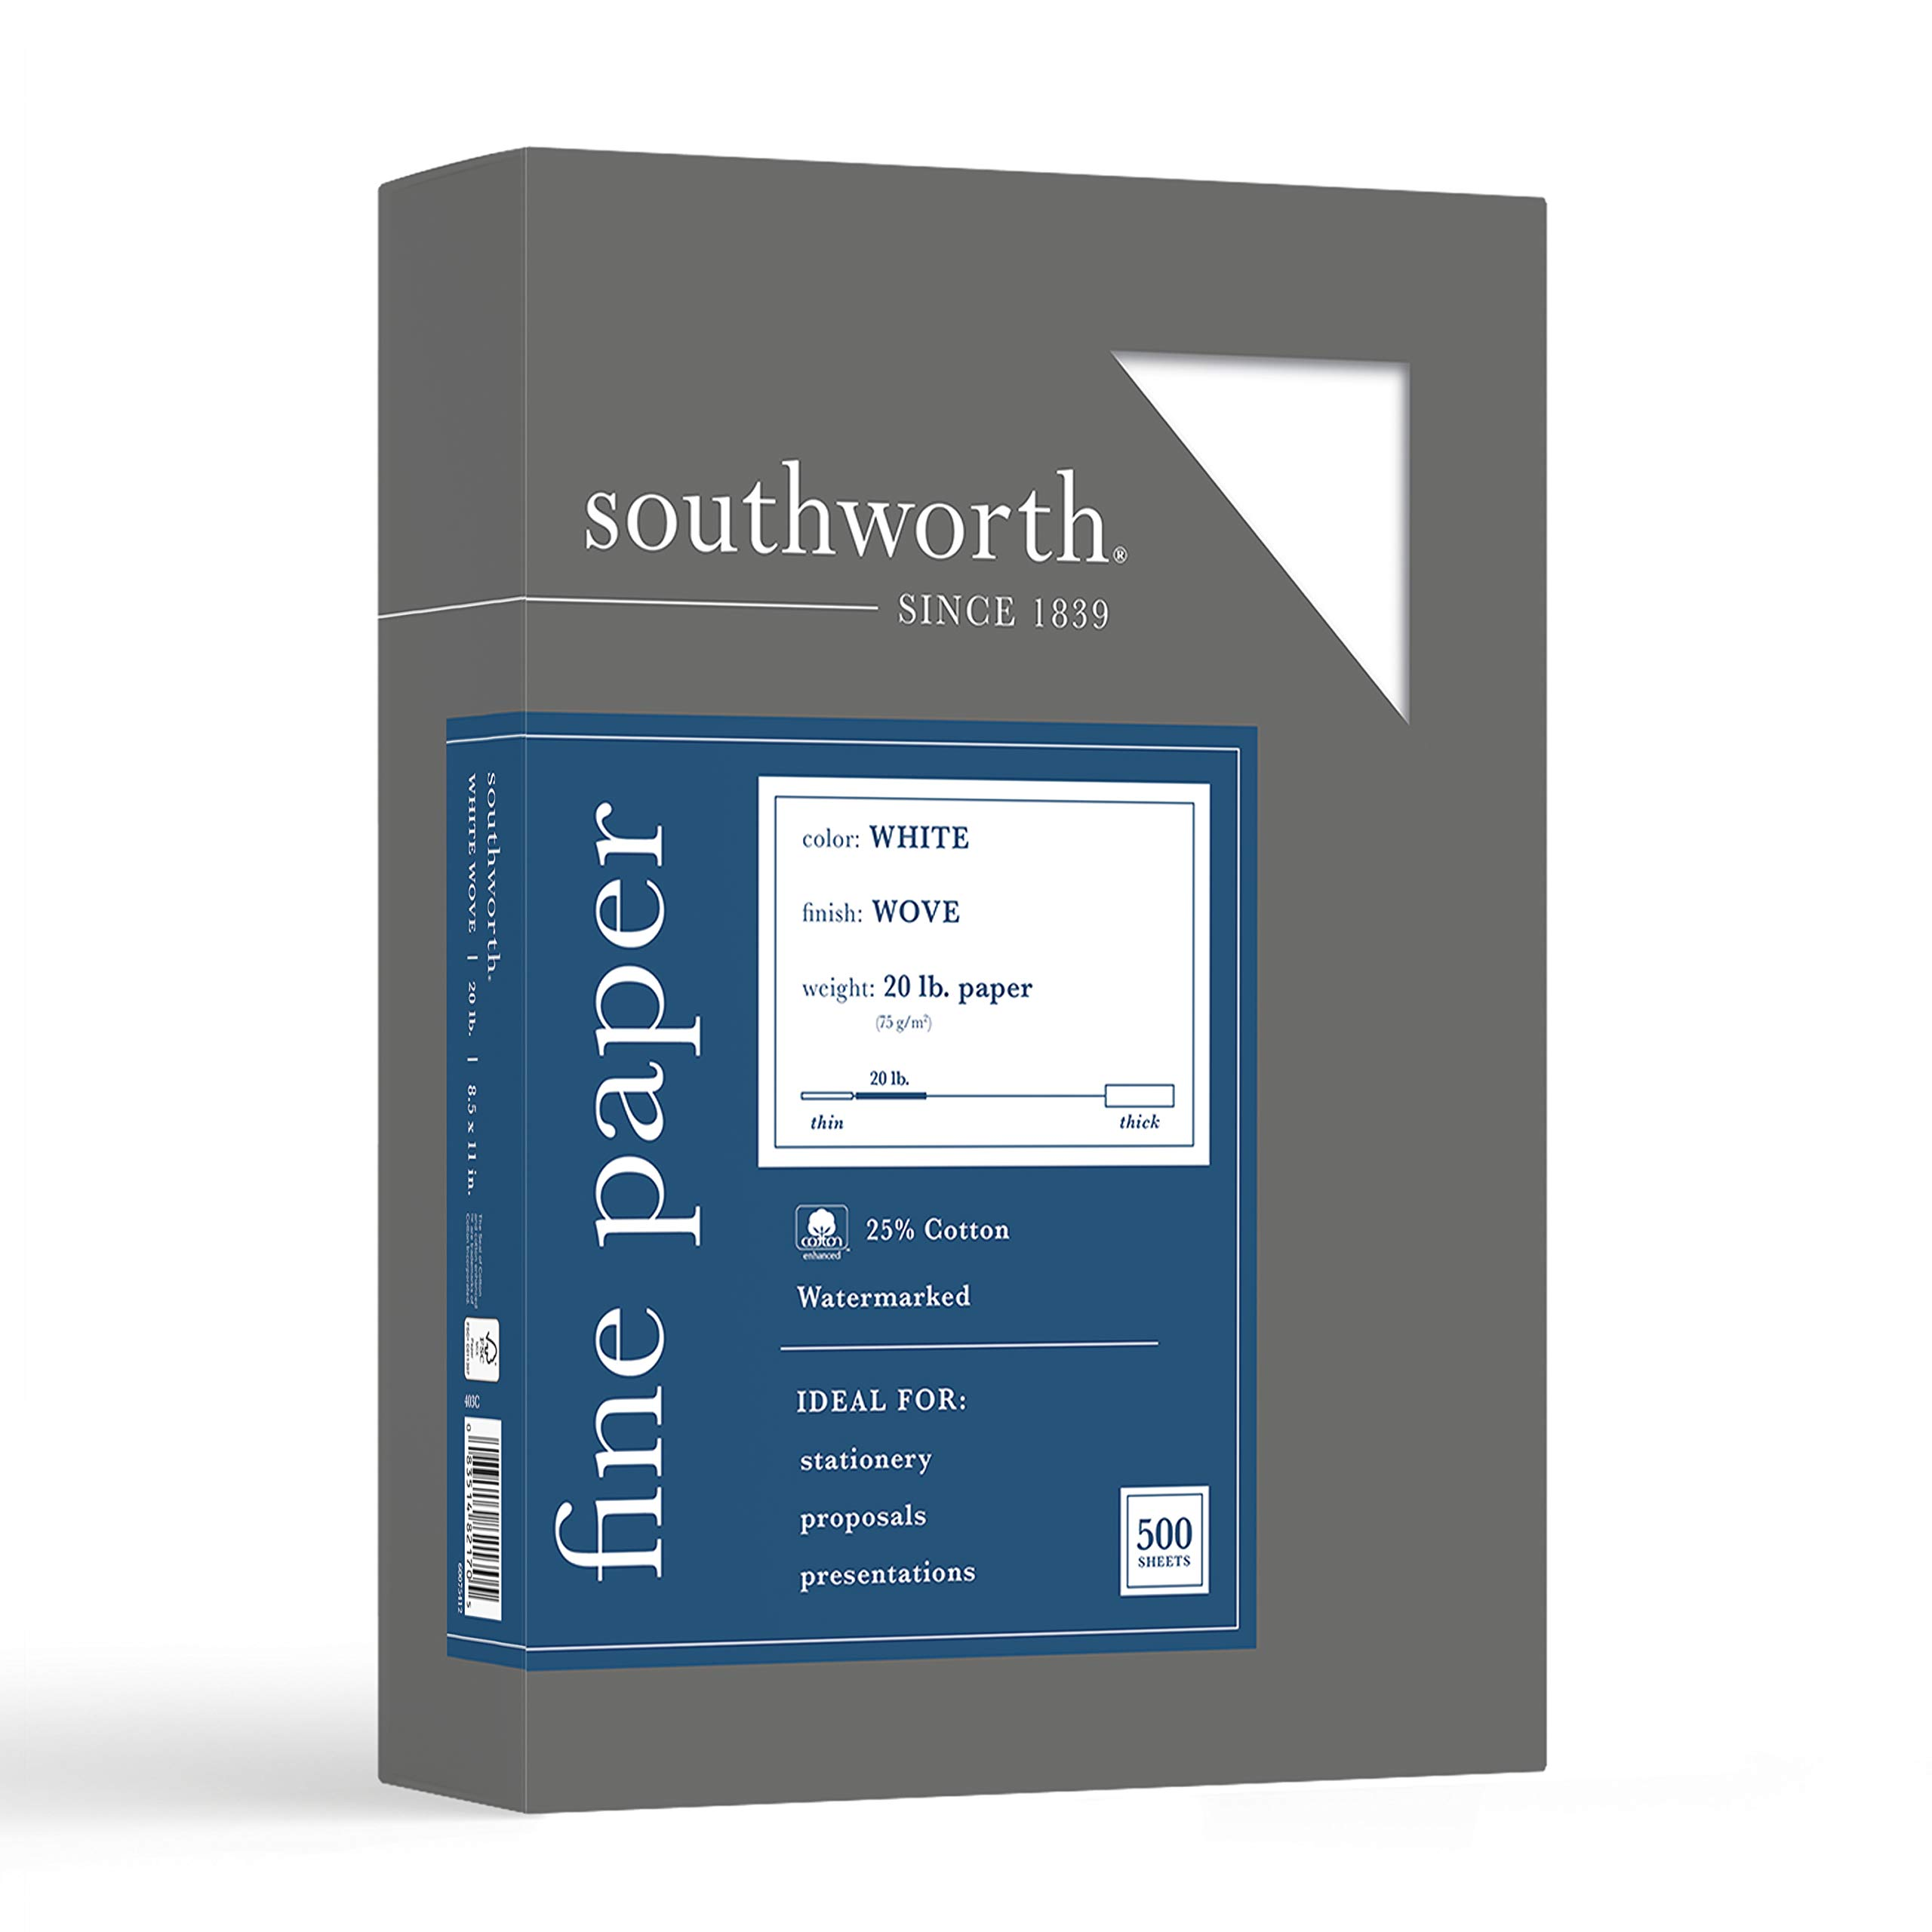 Southworth Business Cotton Sheets 403C